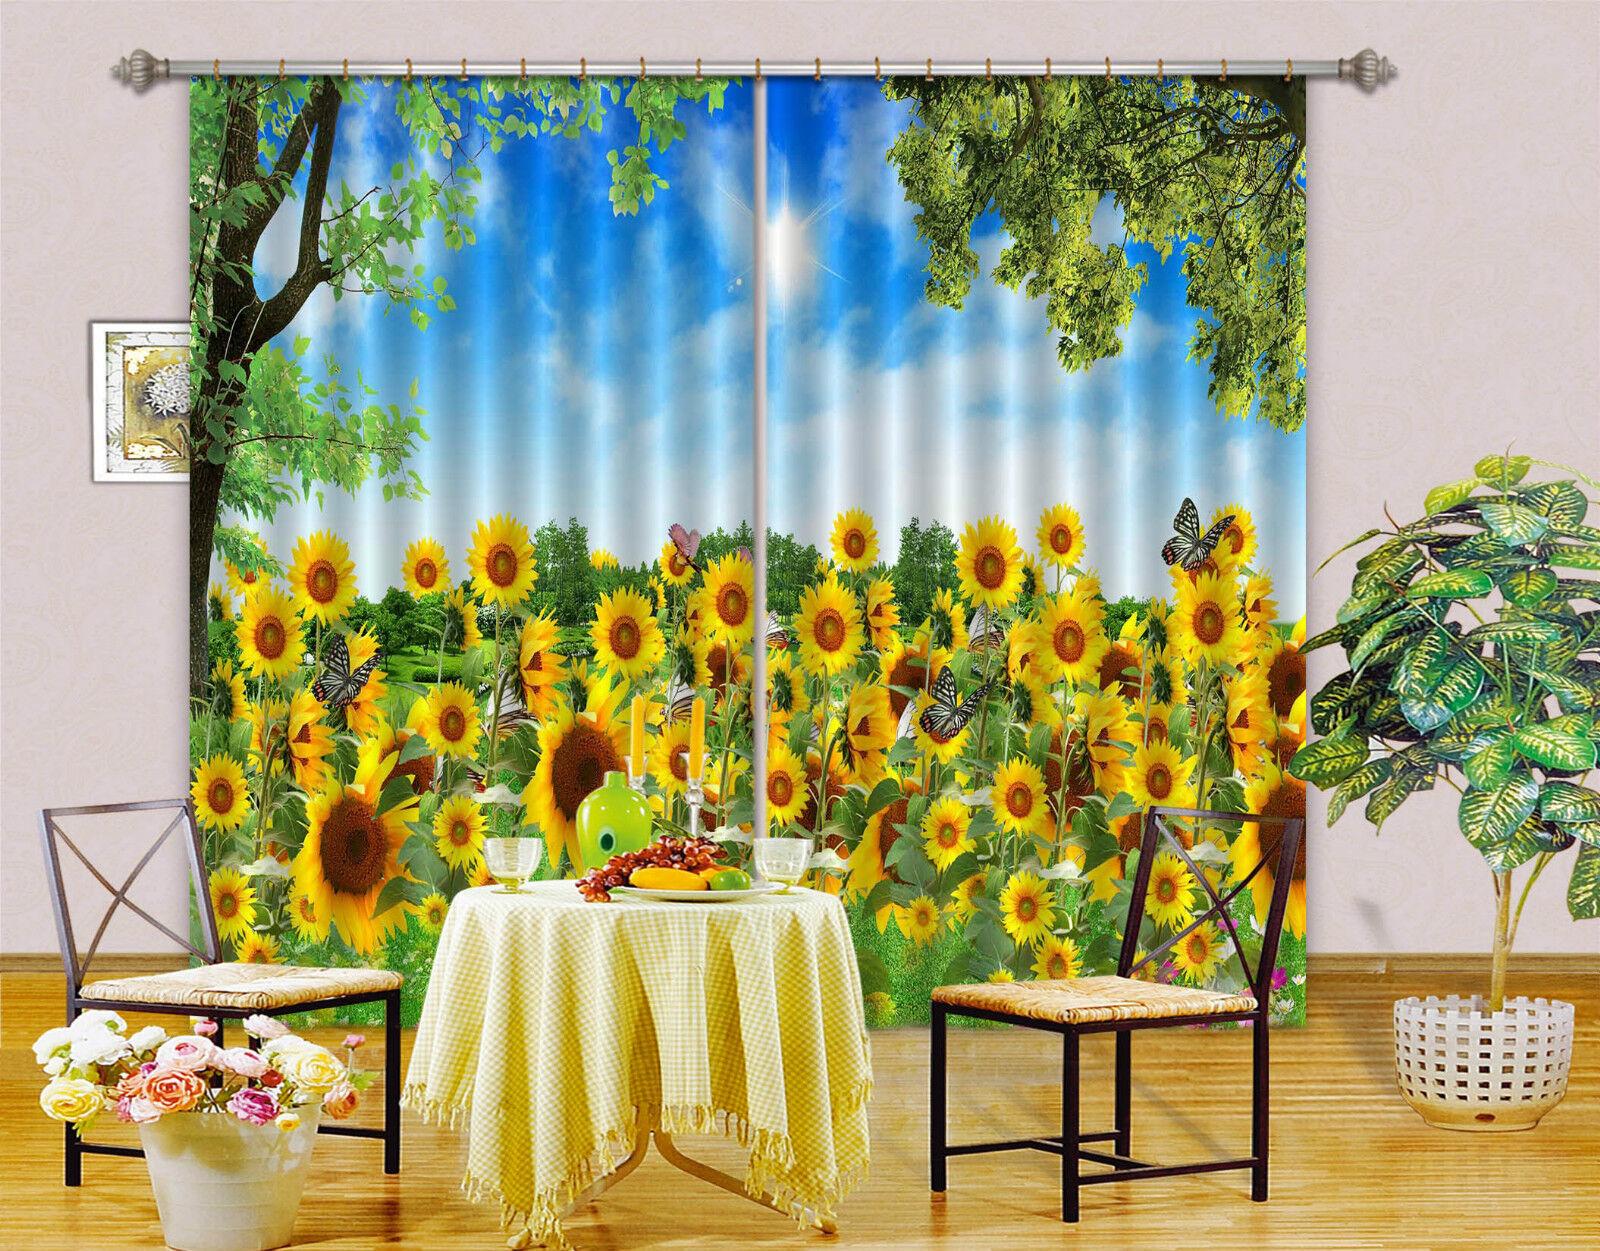 3d girasol 6945 bloqueo foto cortina cortina de impresión sustancia cortinas de ventana